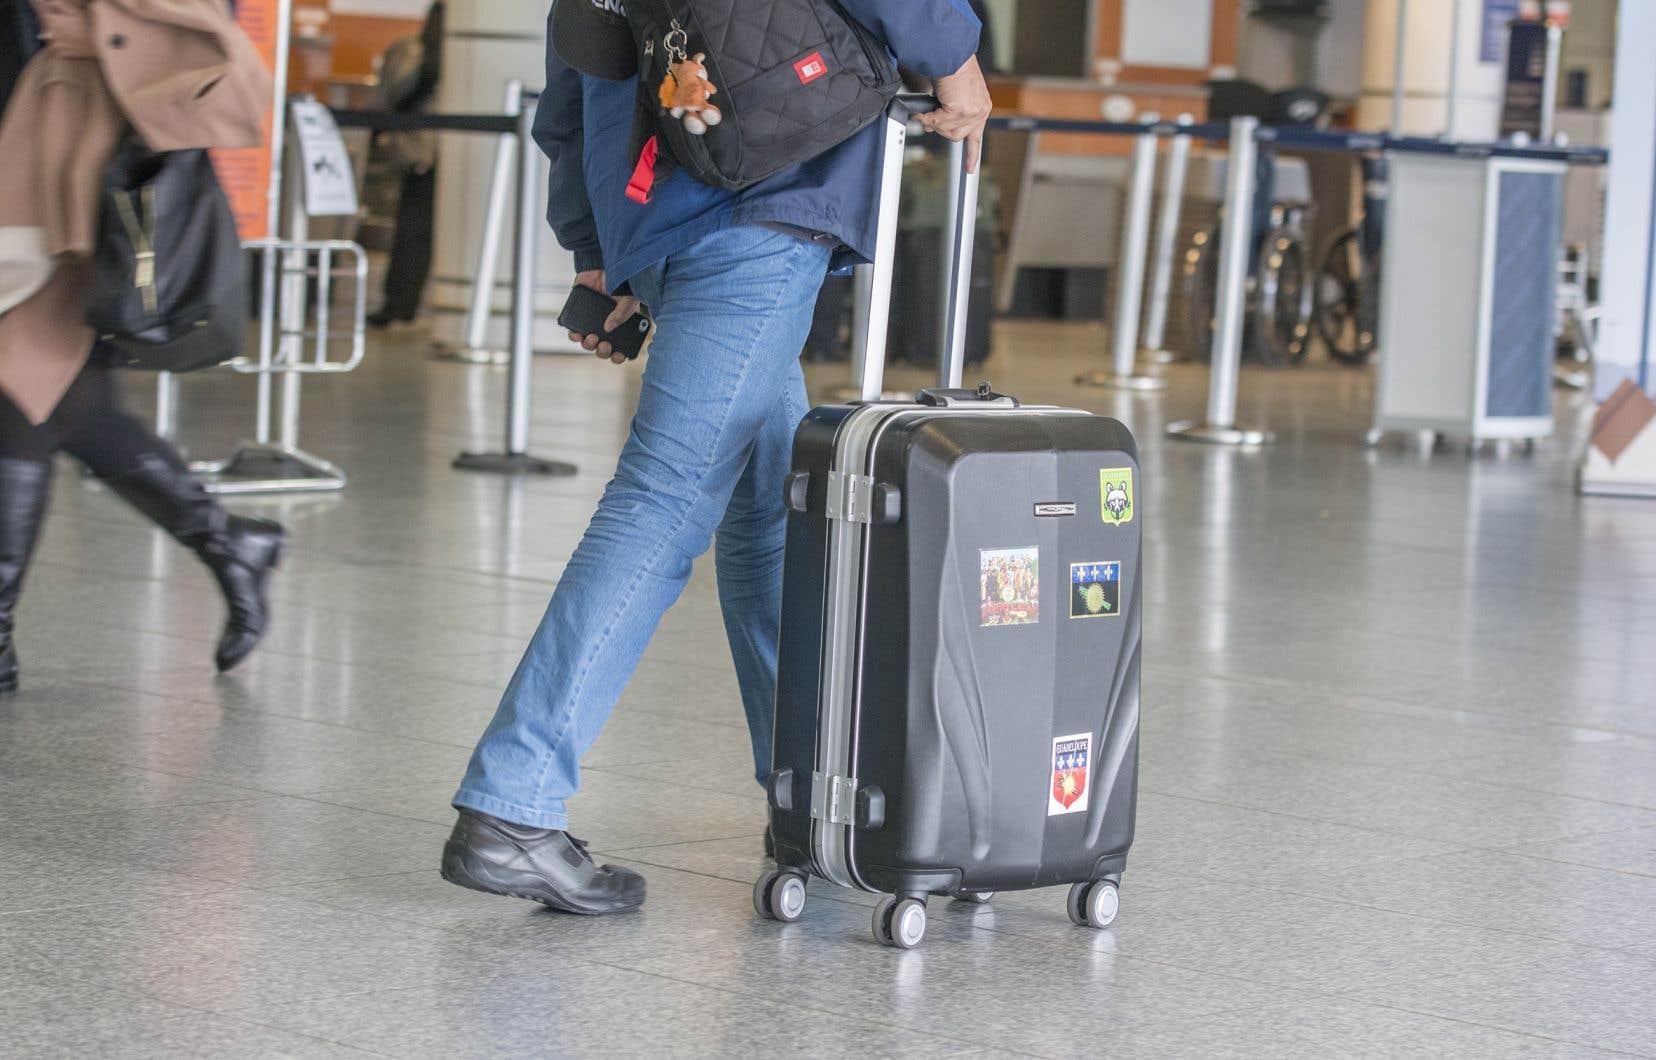 <p>La famille devra se rapporter à Montréal à des représentants de l'Agence des services frontaliers du Canada qui assureront qu'elle prenne l'avion en direction de l'Espagne, le pays d'où elle est arrivée.</p>